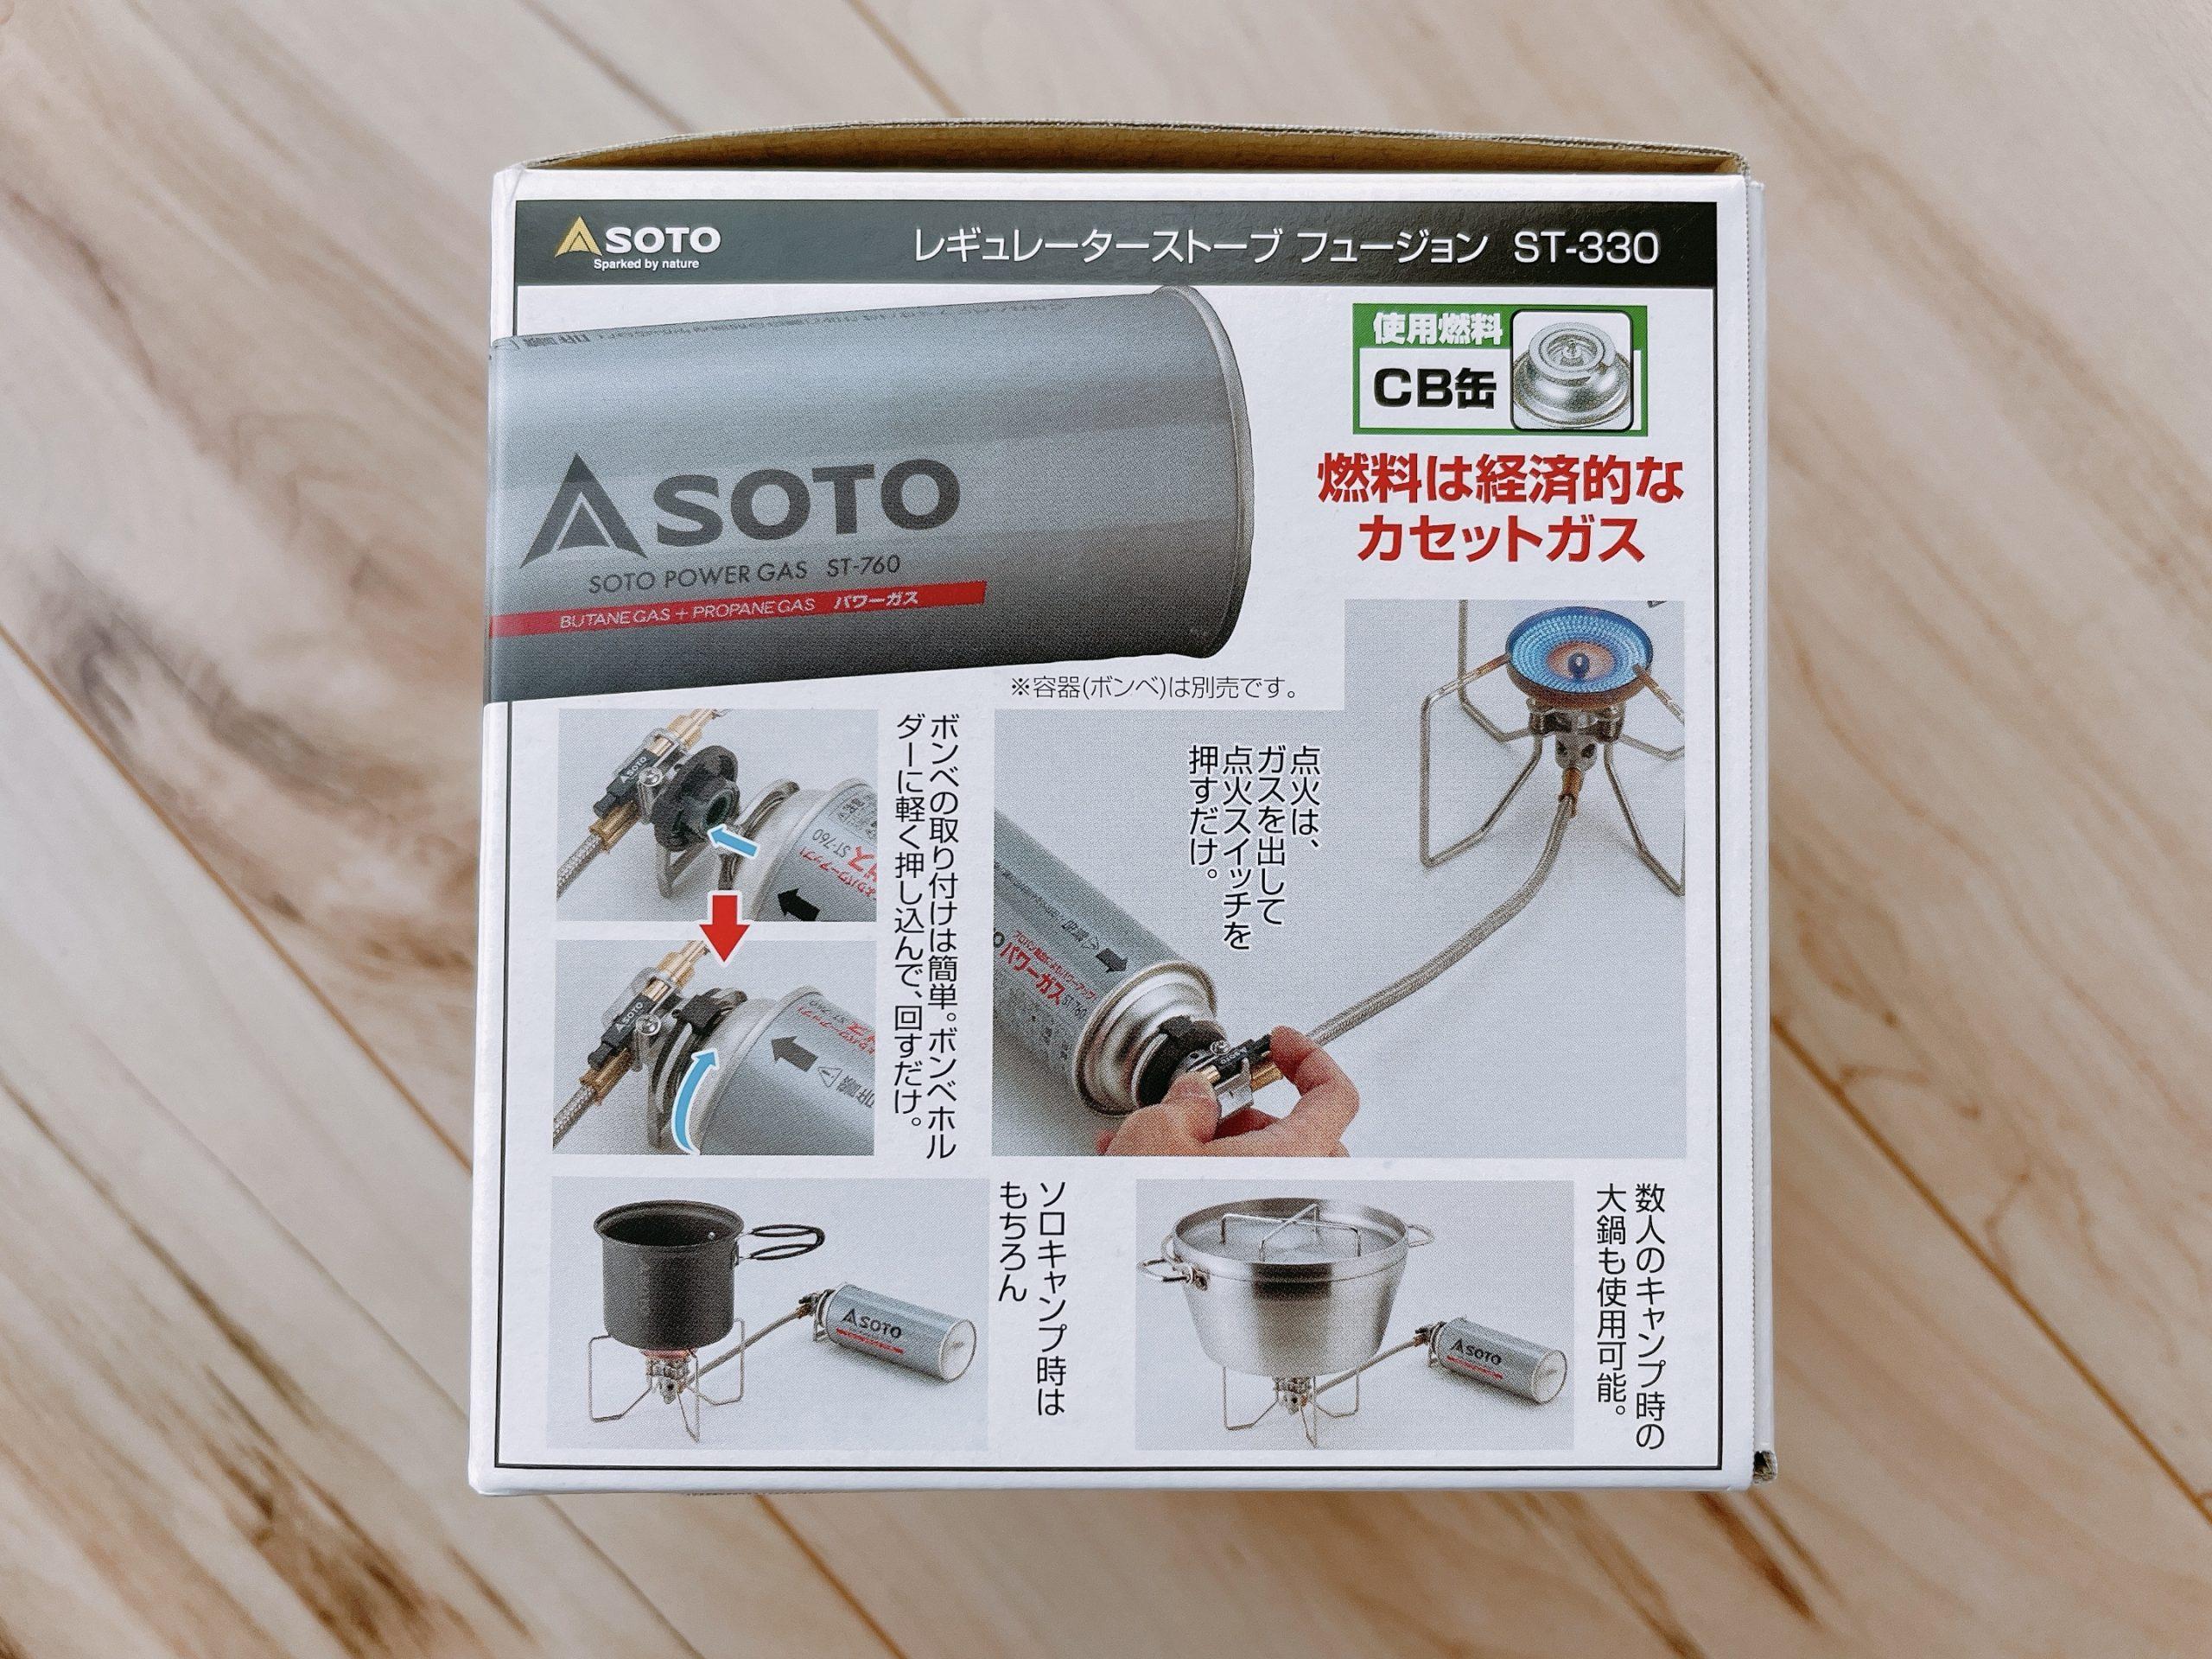 SOTO(ソト)バーナー<フュージョンST-330>側面箱2